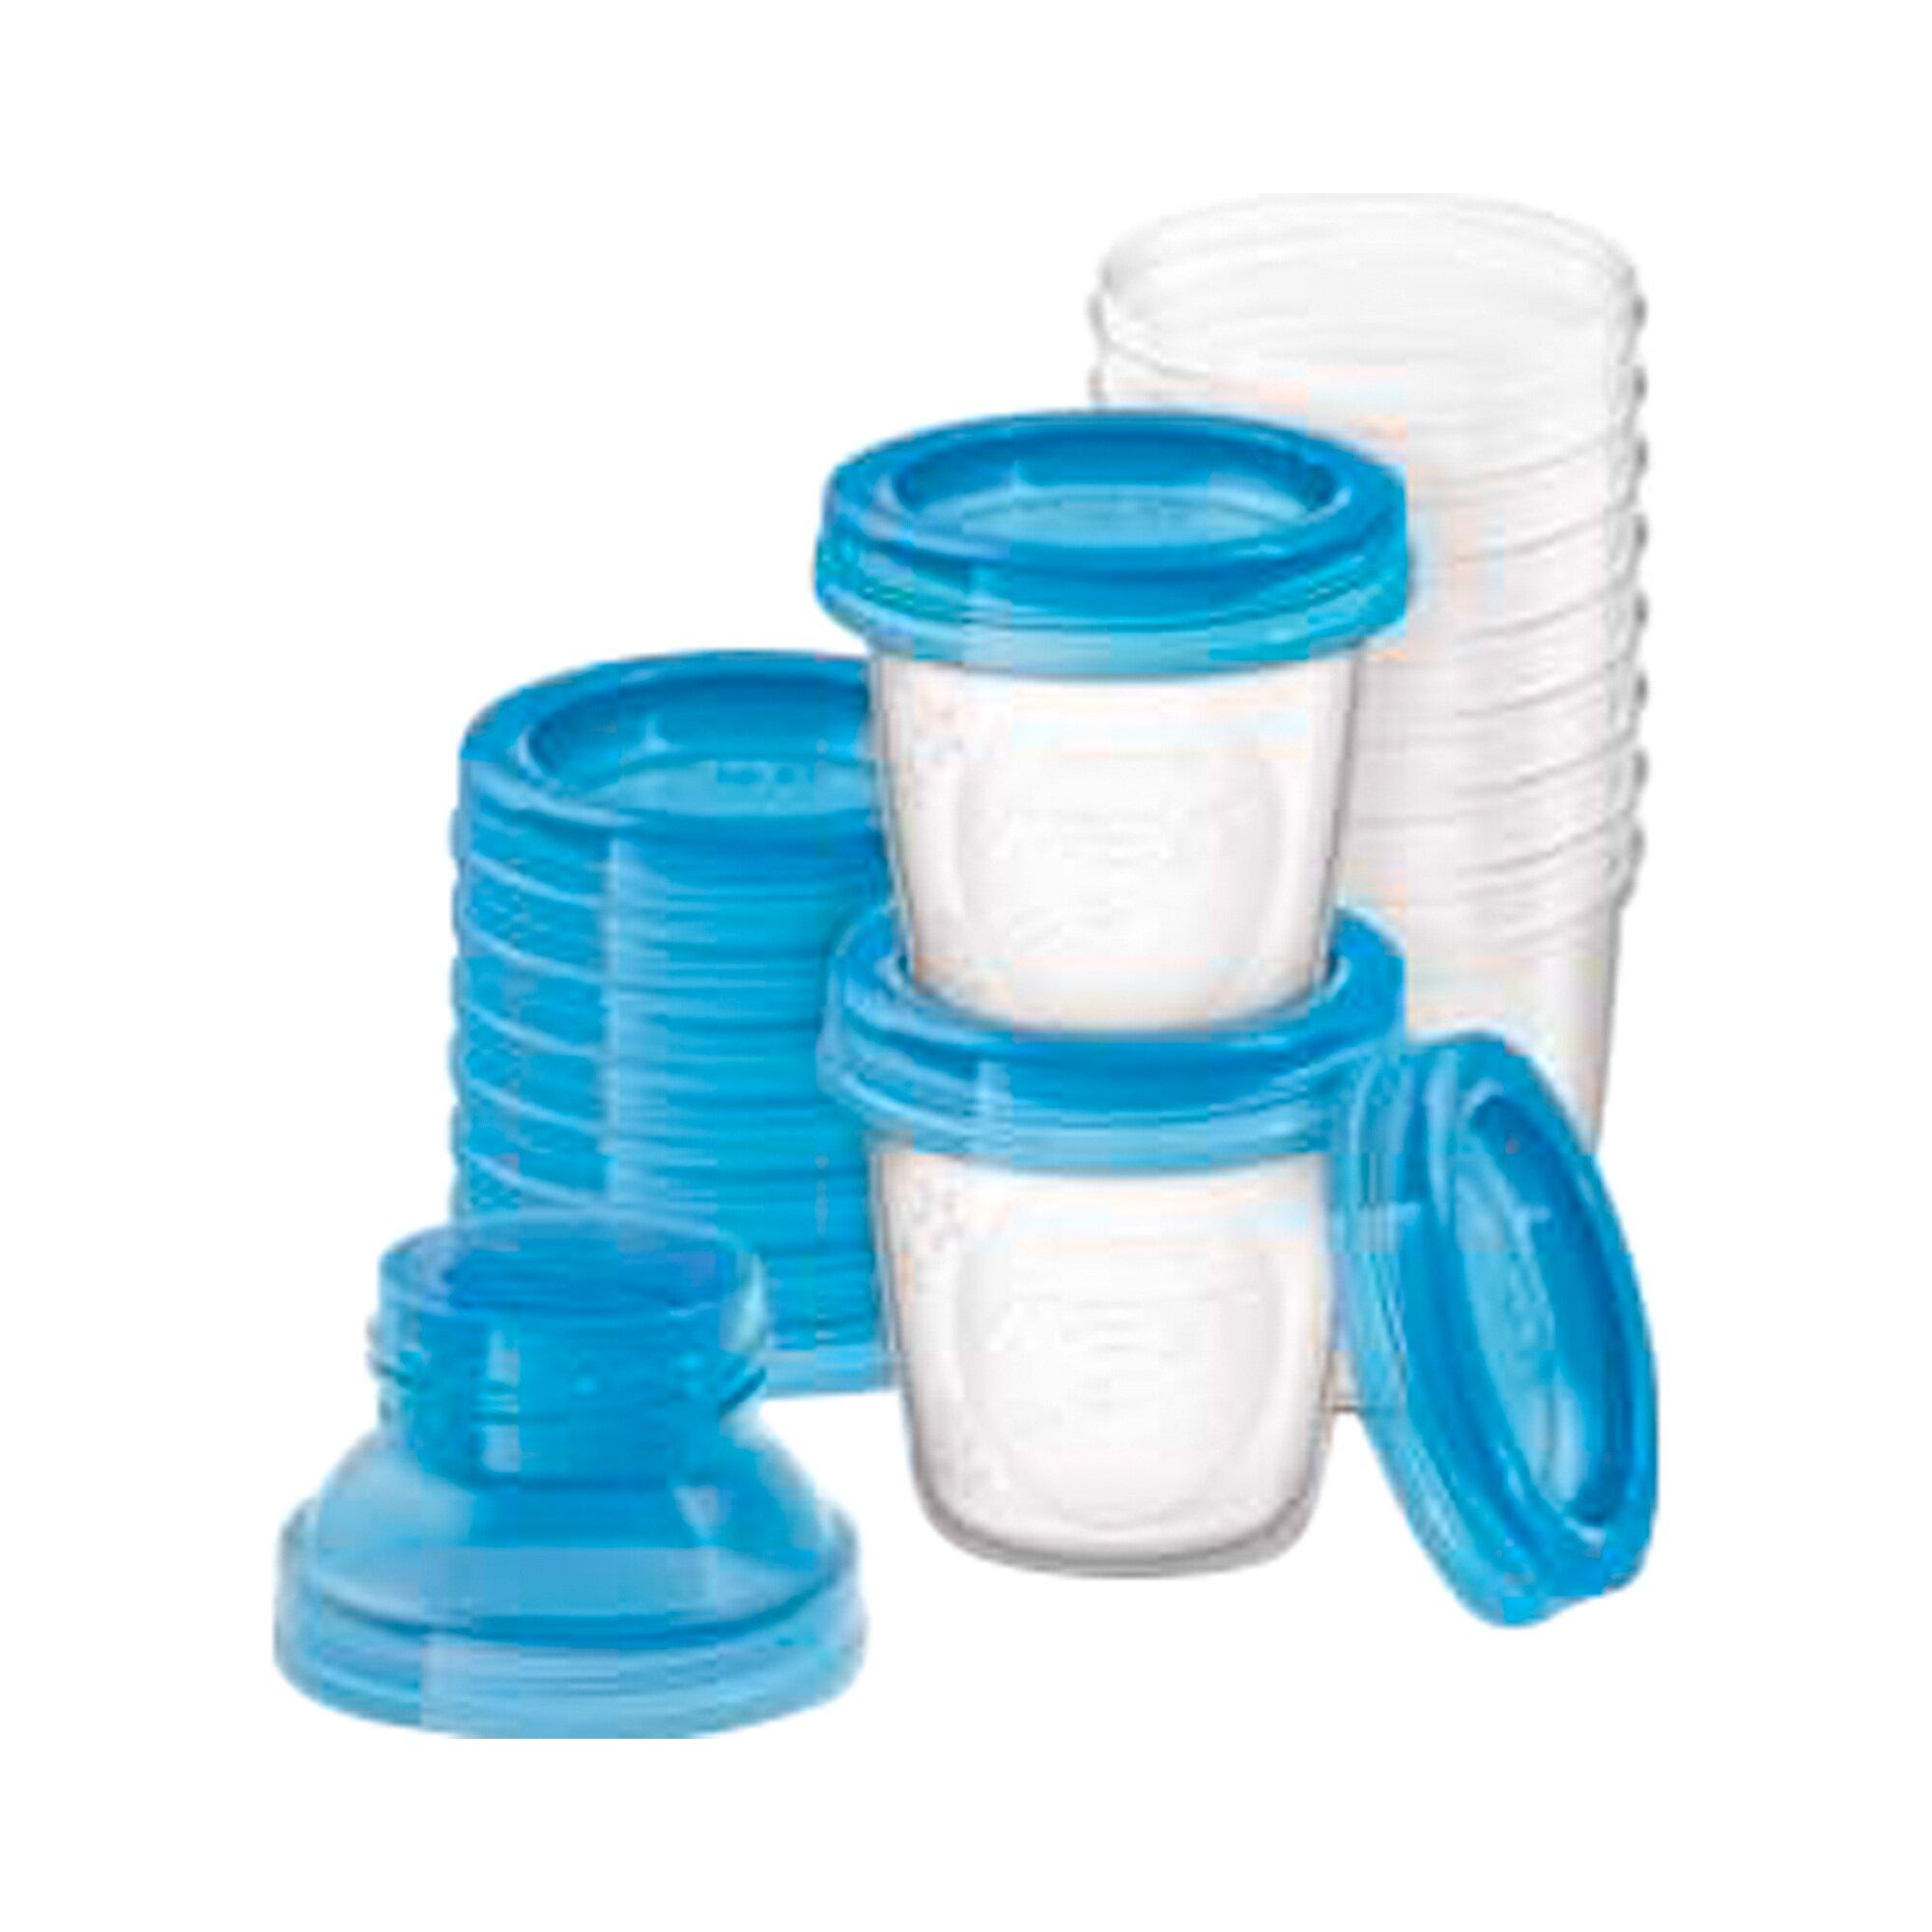 philips-avent-still-set-mit-handmilchpumpe-scd221-00-inkl-natural-flasche-aufbewahrungsbechern-und-stilleinlagen